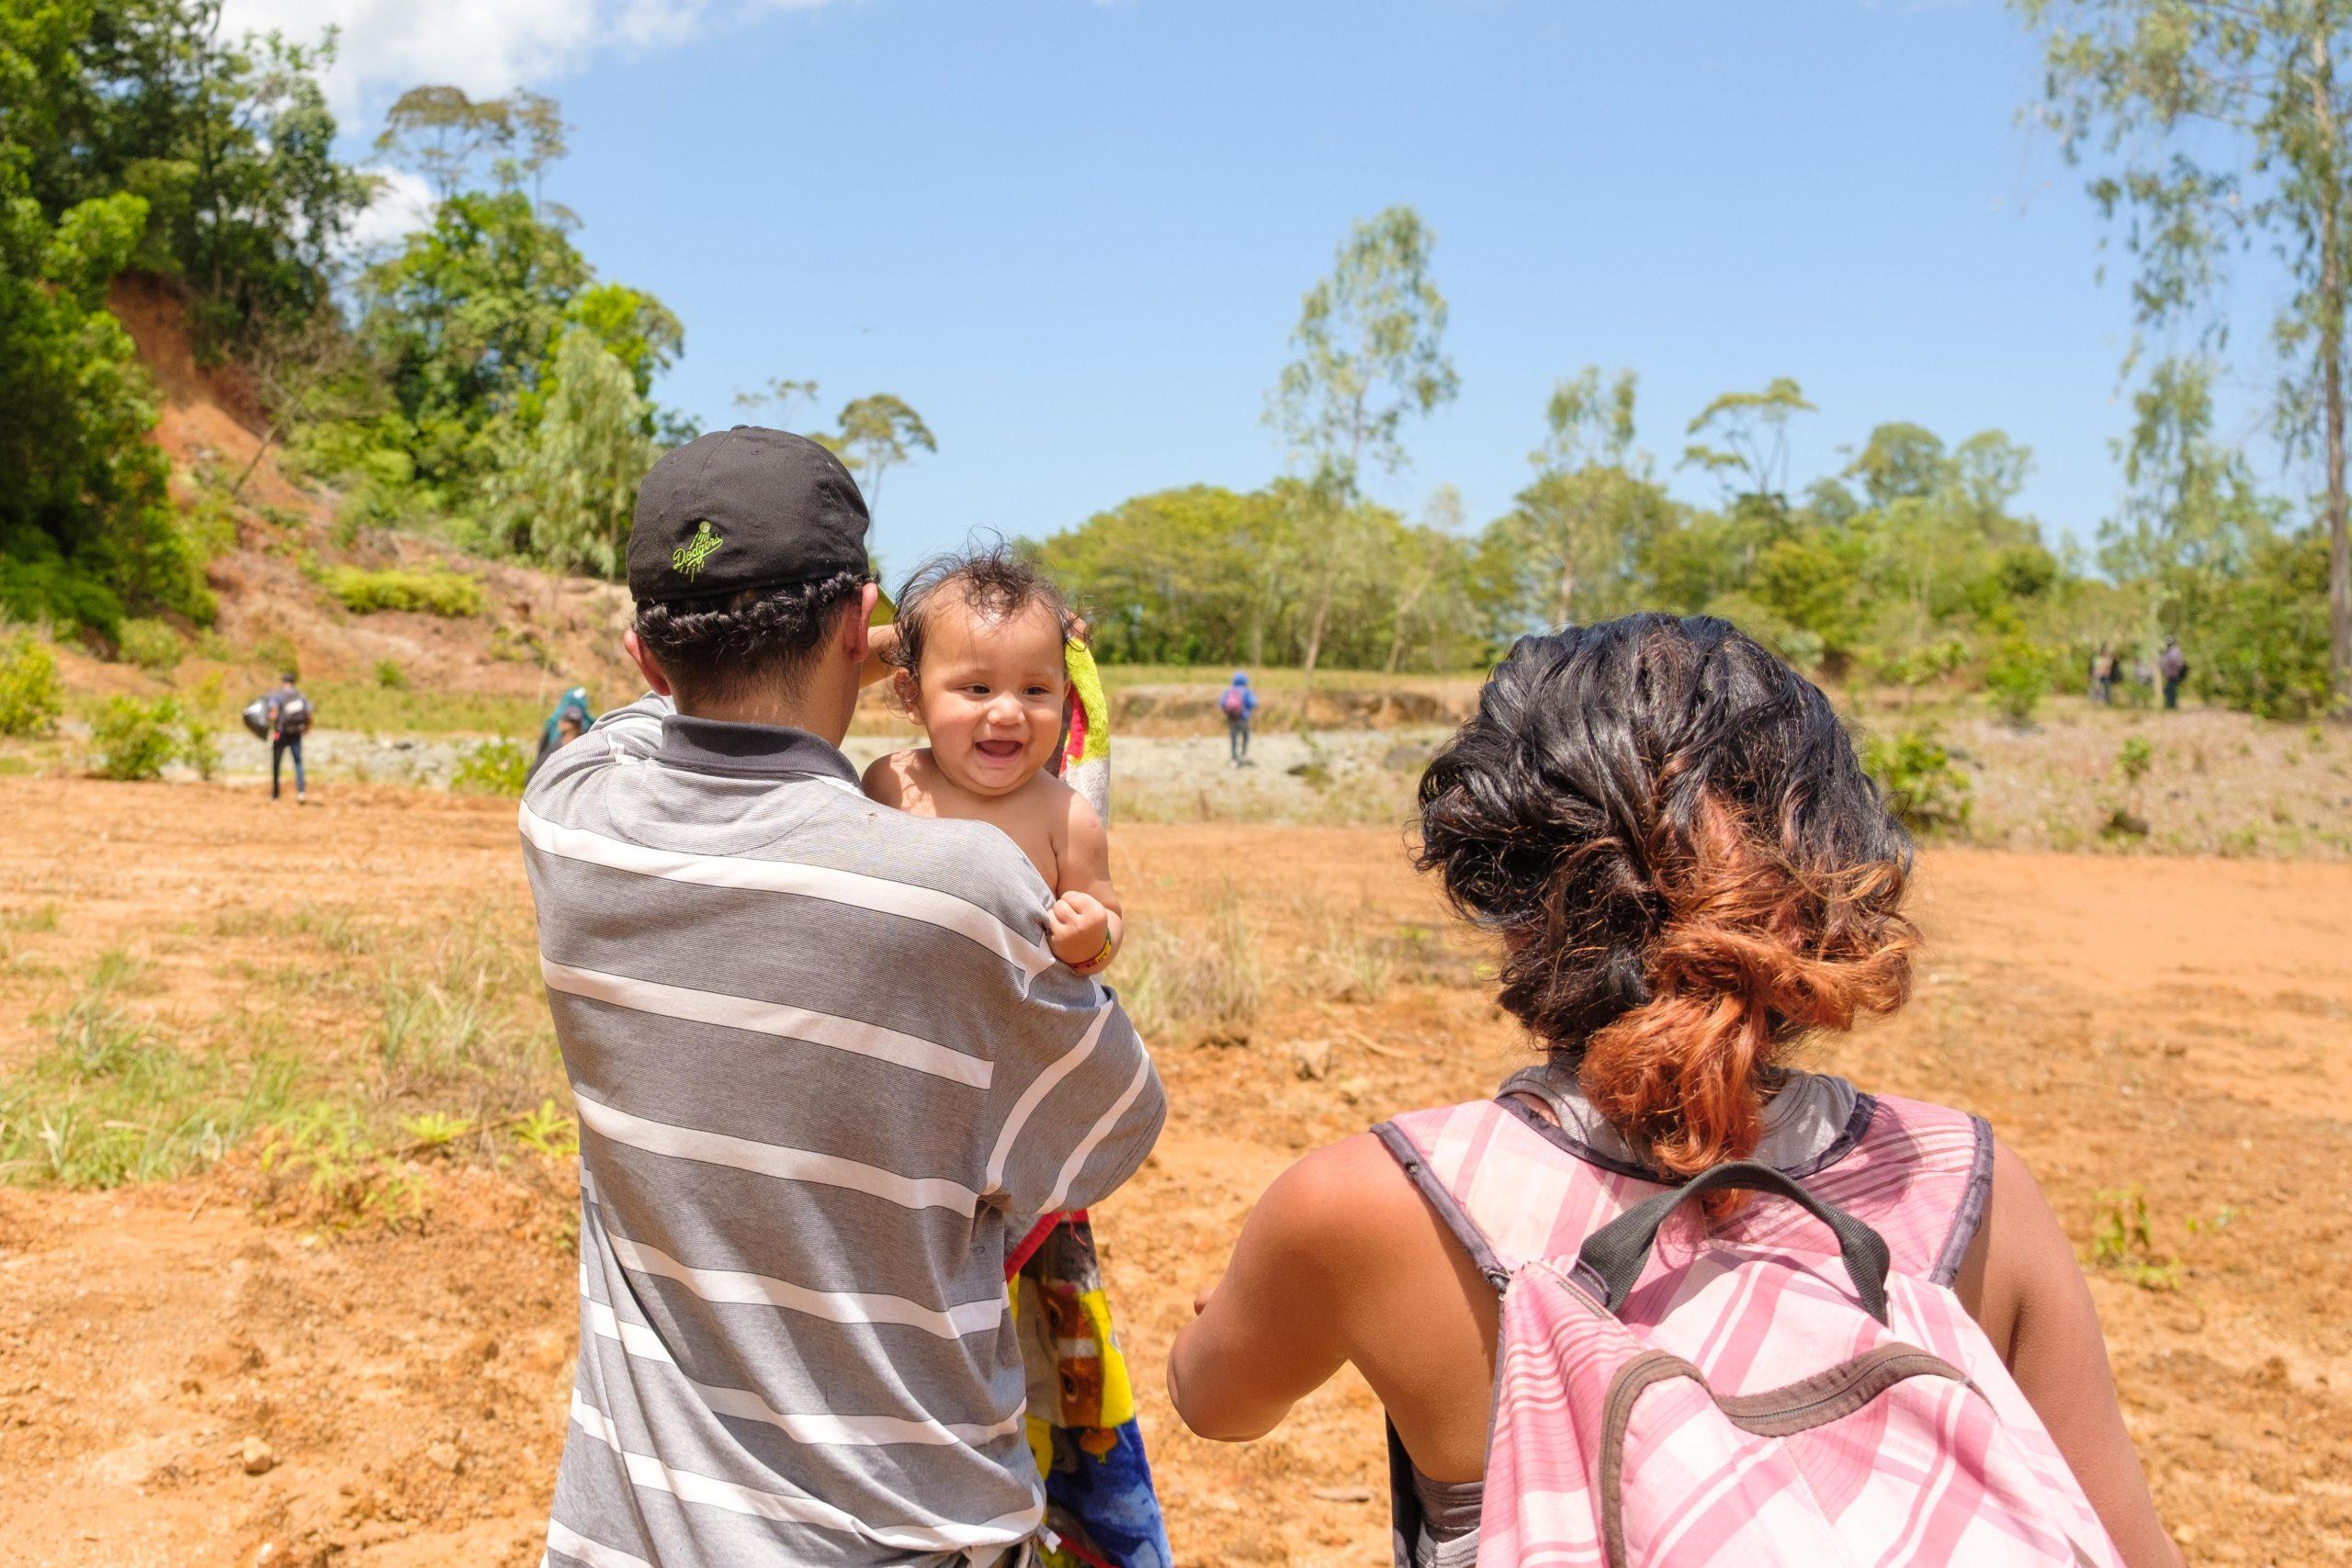 La bebé sonrió mientras sus jóvenes padres avanzan por un punto ciego para adentrarse en territorio guatemalteco.